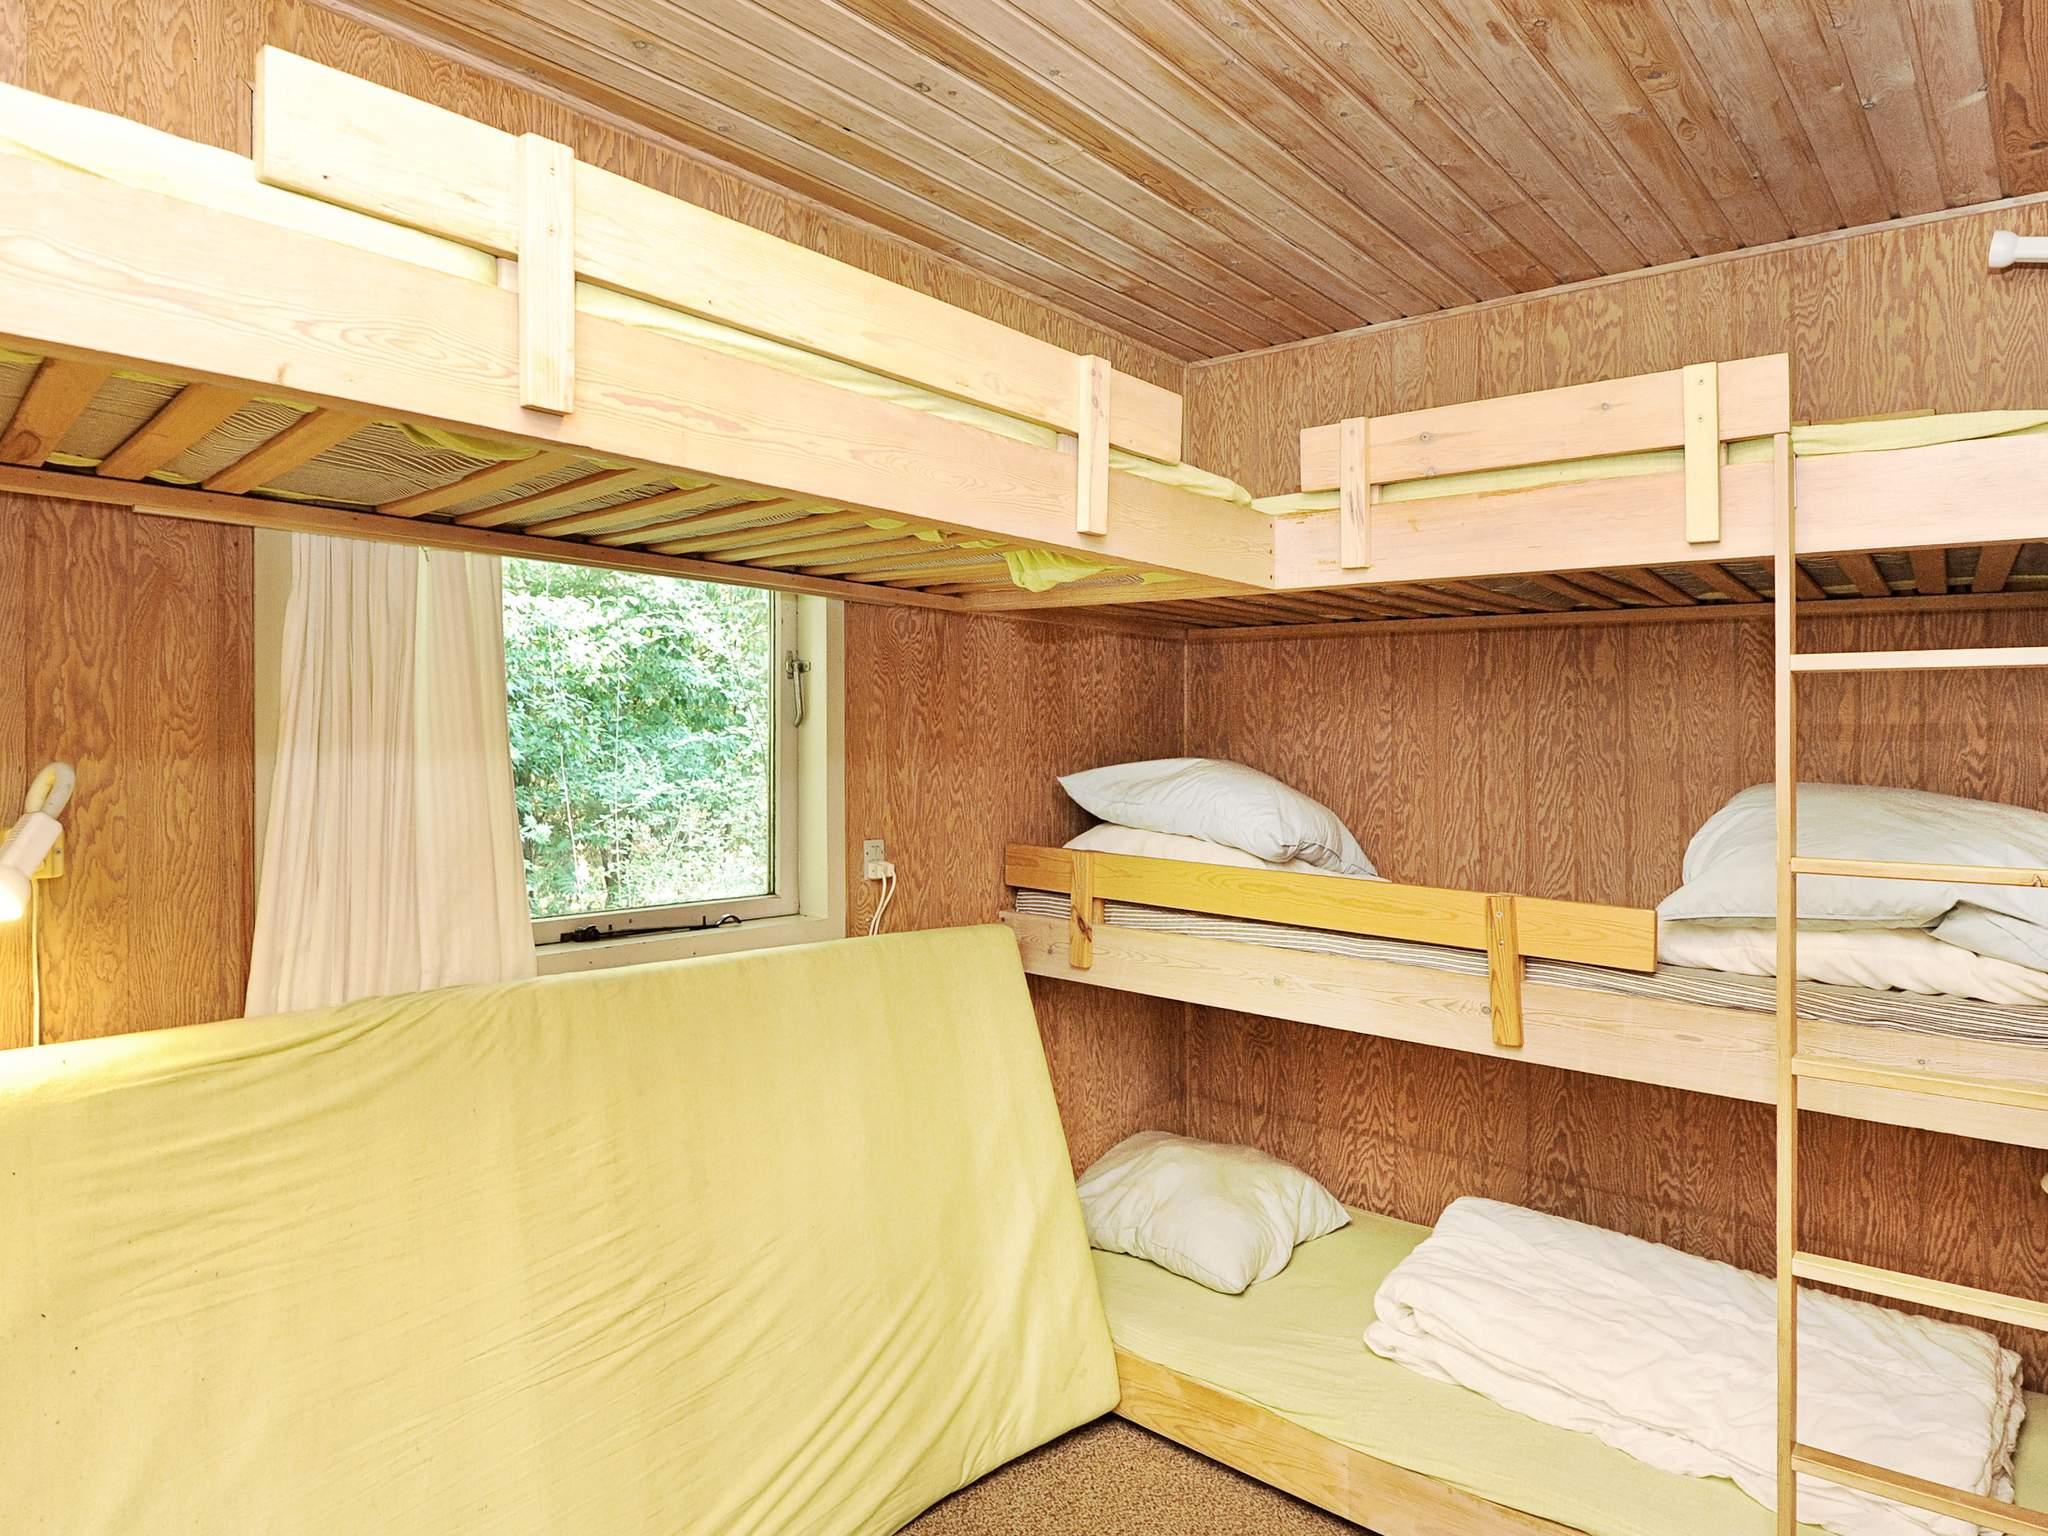 Ferienhaus Guldforhoved (84103), Guldforhoved, , Westjütland, Dänemark, Bild 8